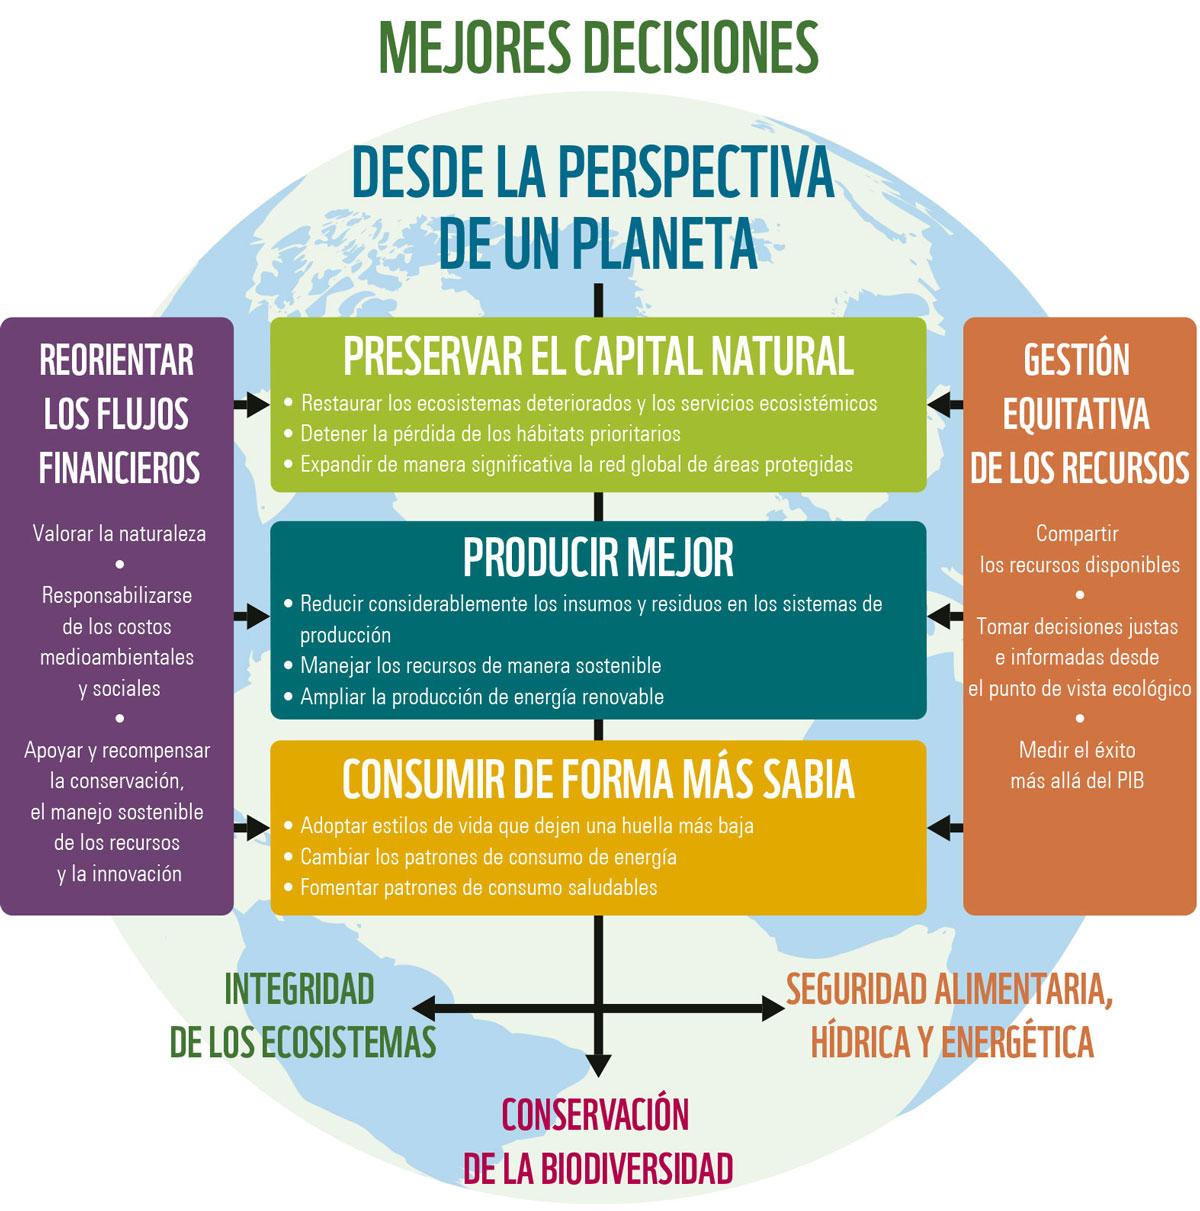 Mejores decisiones, para un planeta vivo